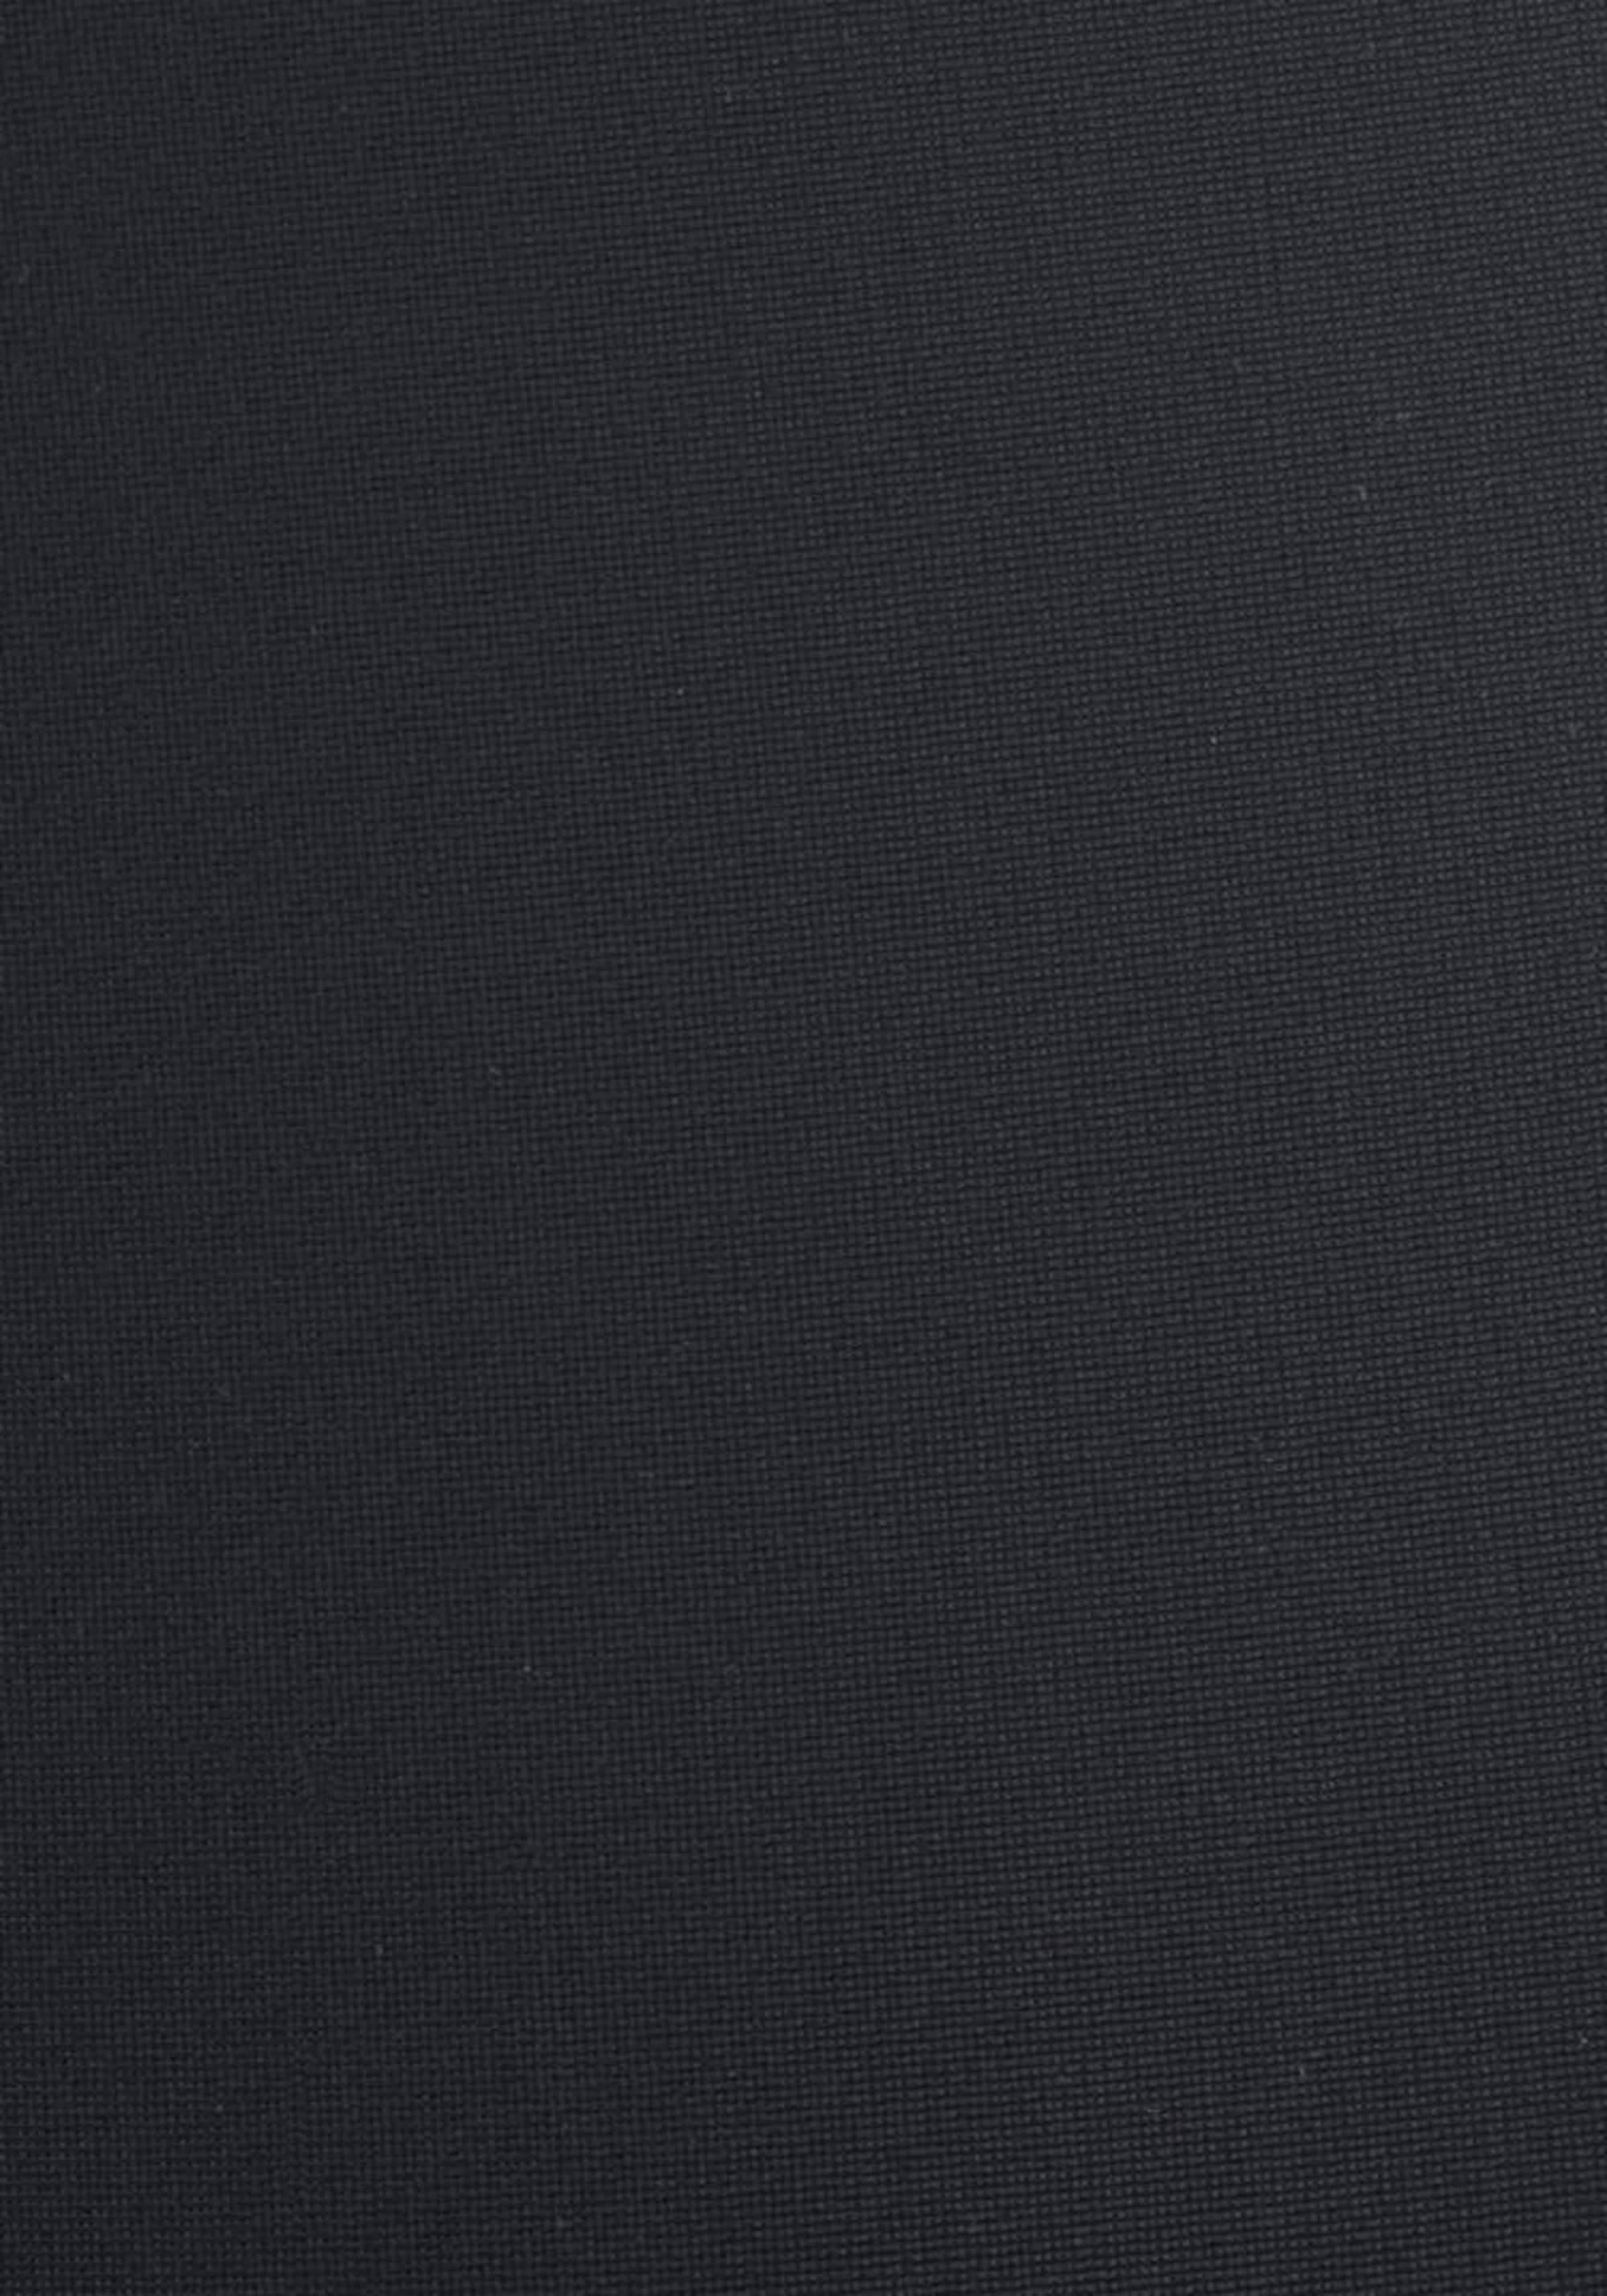 KangaROOS Strój kąpielowy  turkusowy / szary / czarny